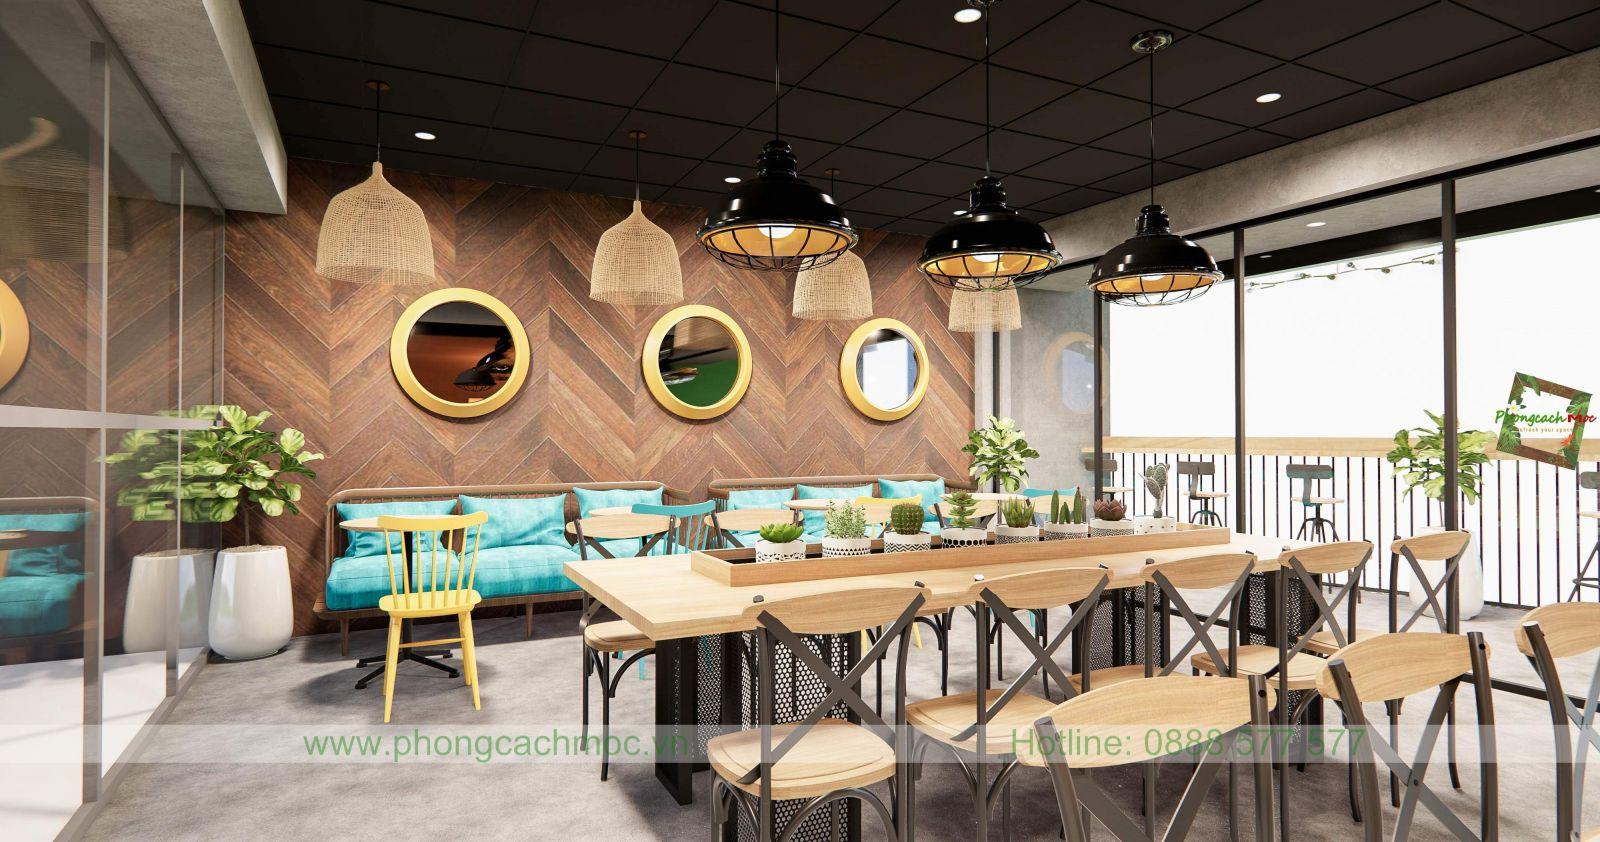 thiết kế quán cafe sử dụng ánh sáng tự nhiên